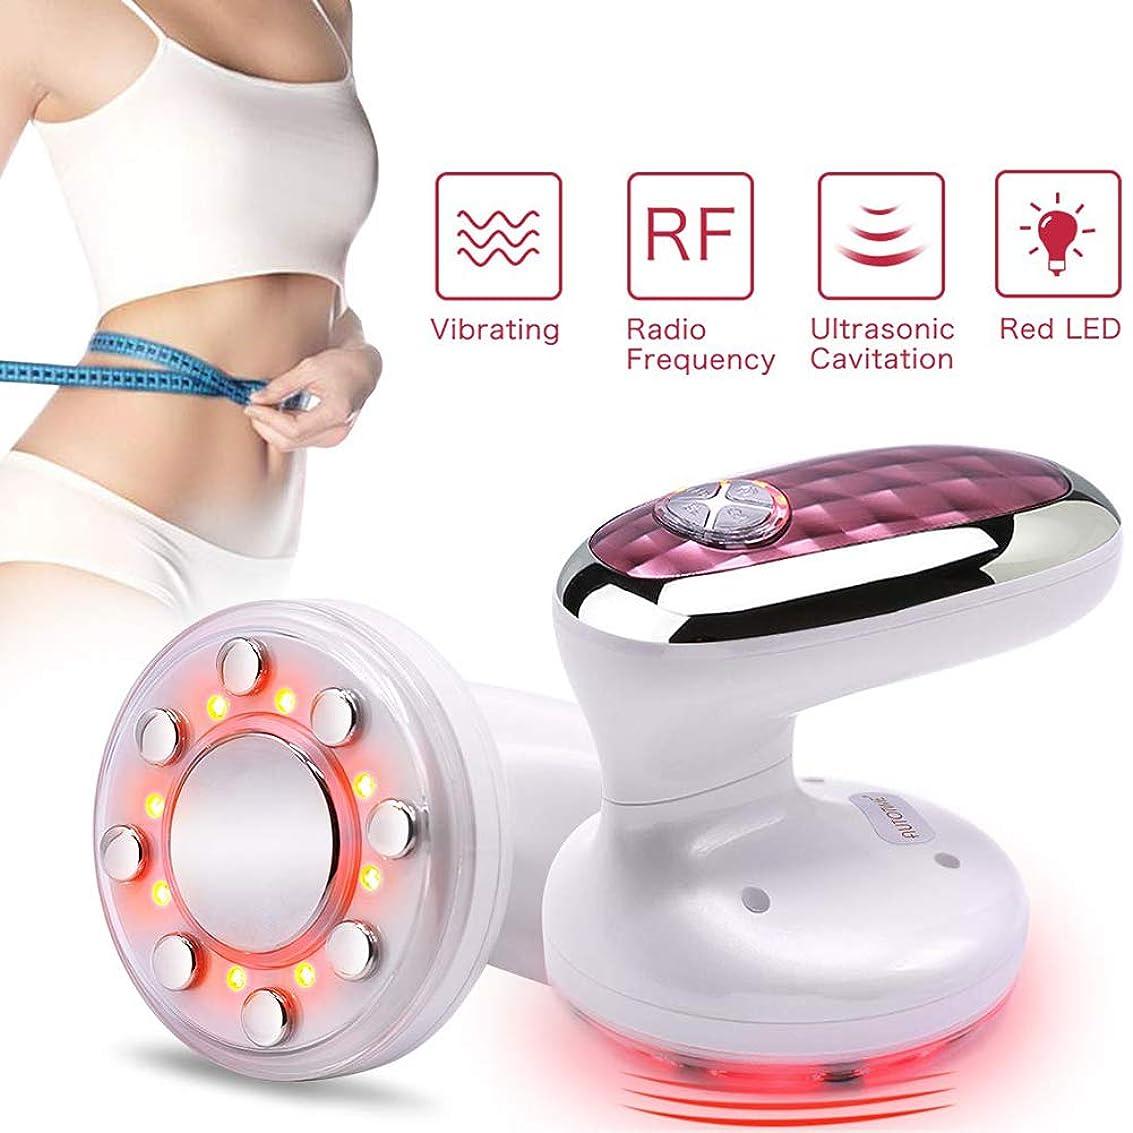 硬さレビュアードル脂肪除去機、1つの再充電可能な脂肪に付き3つは腕の脚の皮のきつく締まることのための美装置を取除きます